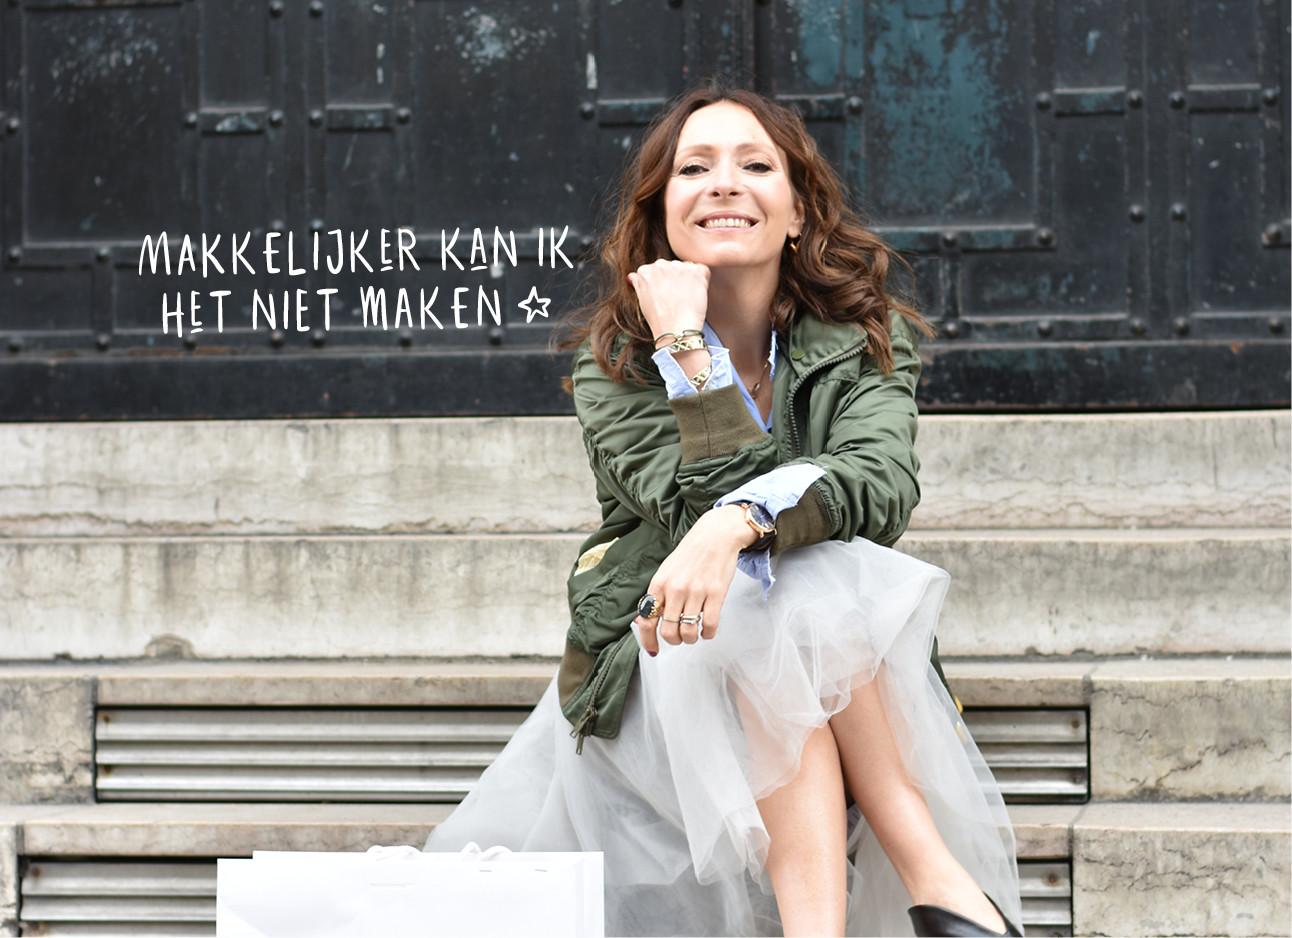 may-britt lachend op een trap in parijs met een tulle rok aan en een groen bomberjack